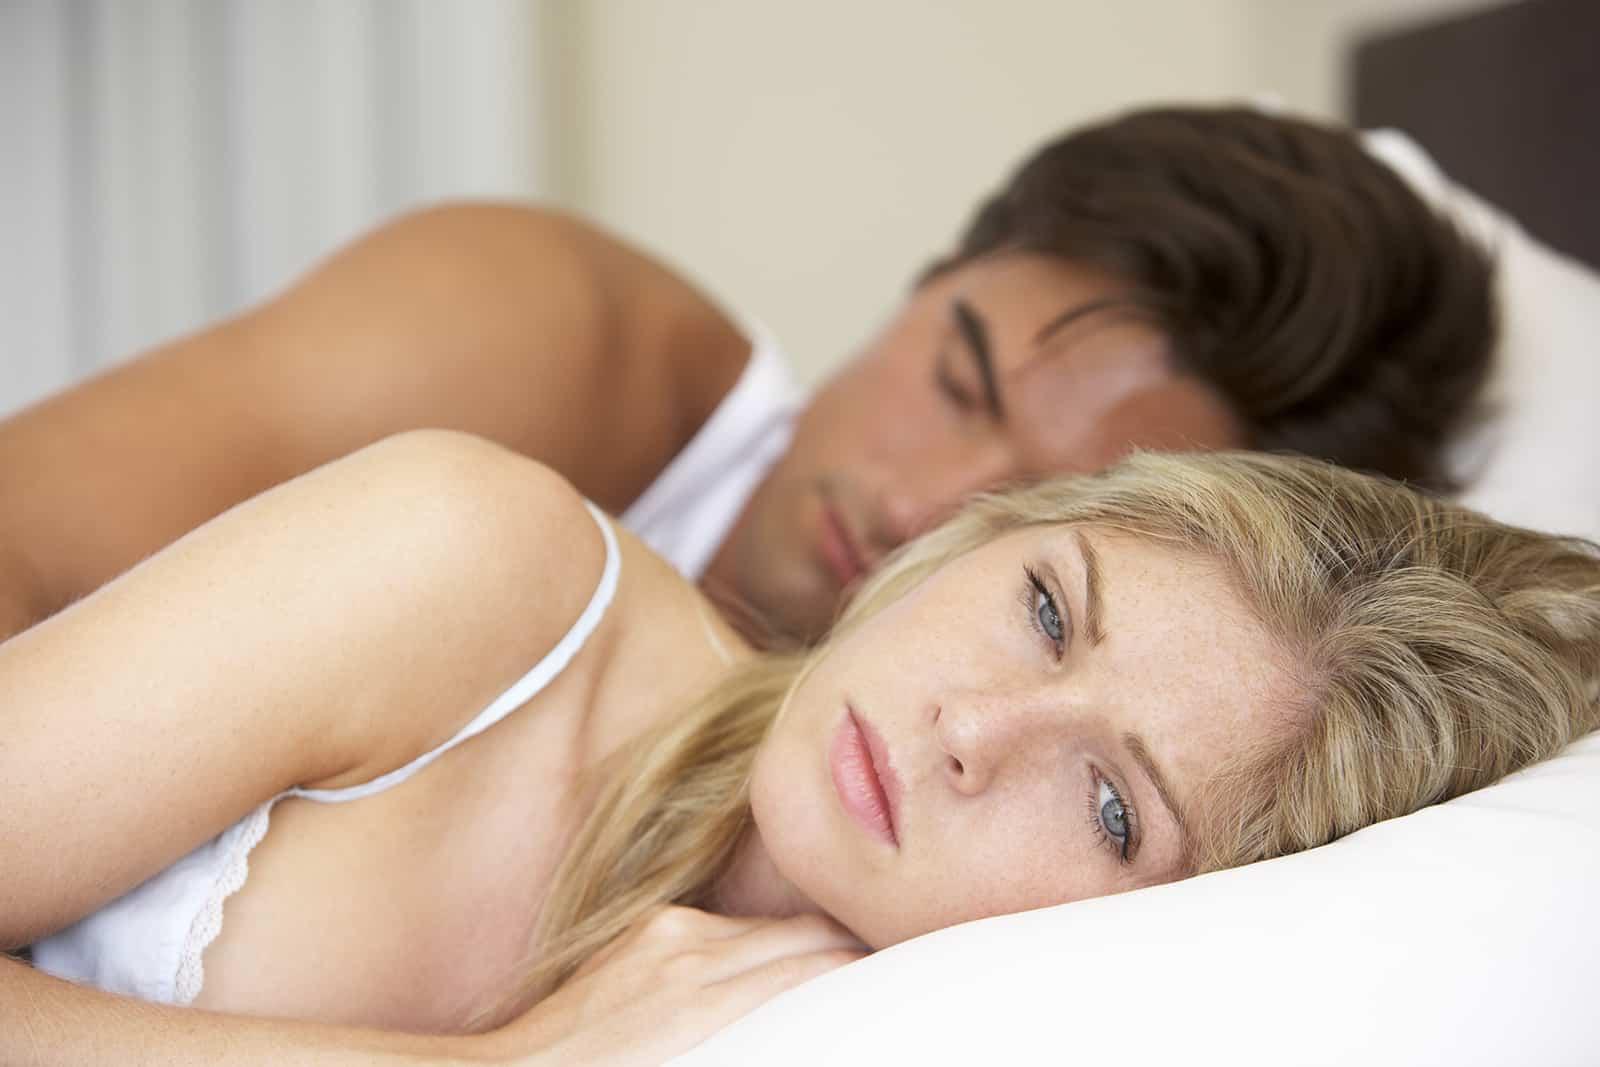 eine traurige Frau, die neben ihrem schlafenden Freund liegt und über ihre Beziehung nachdenkt